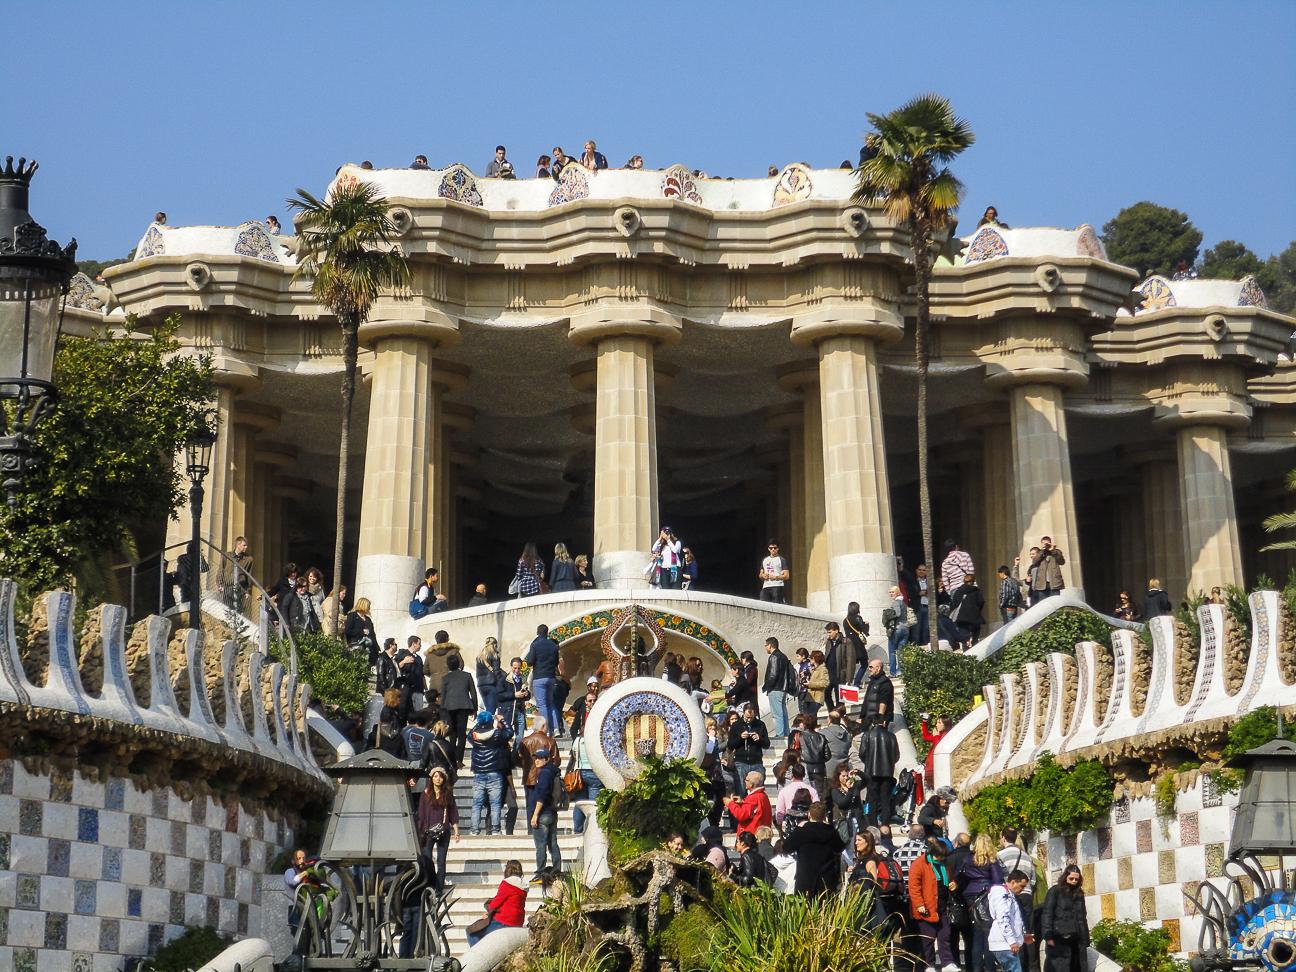 Que hacer en Barcelona - Parc Guell